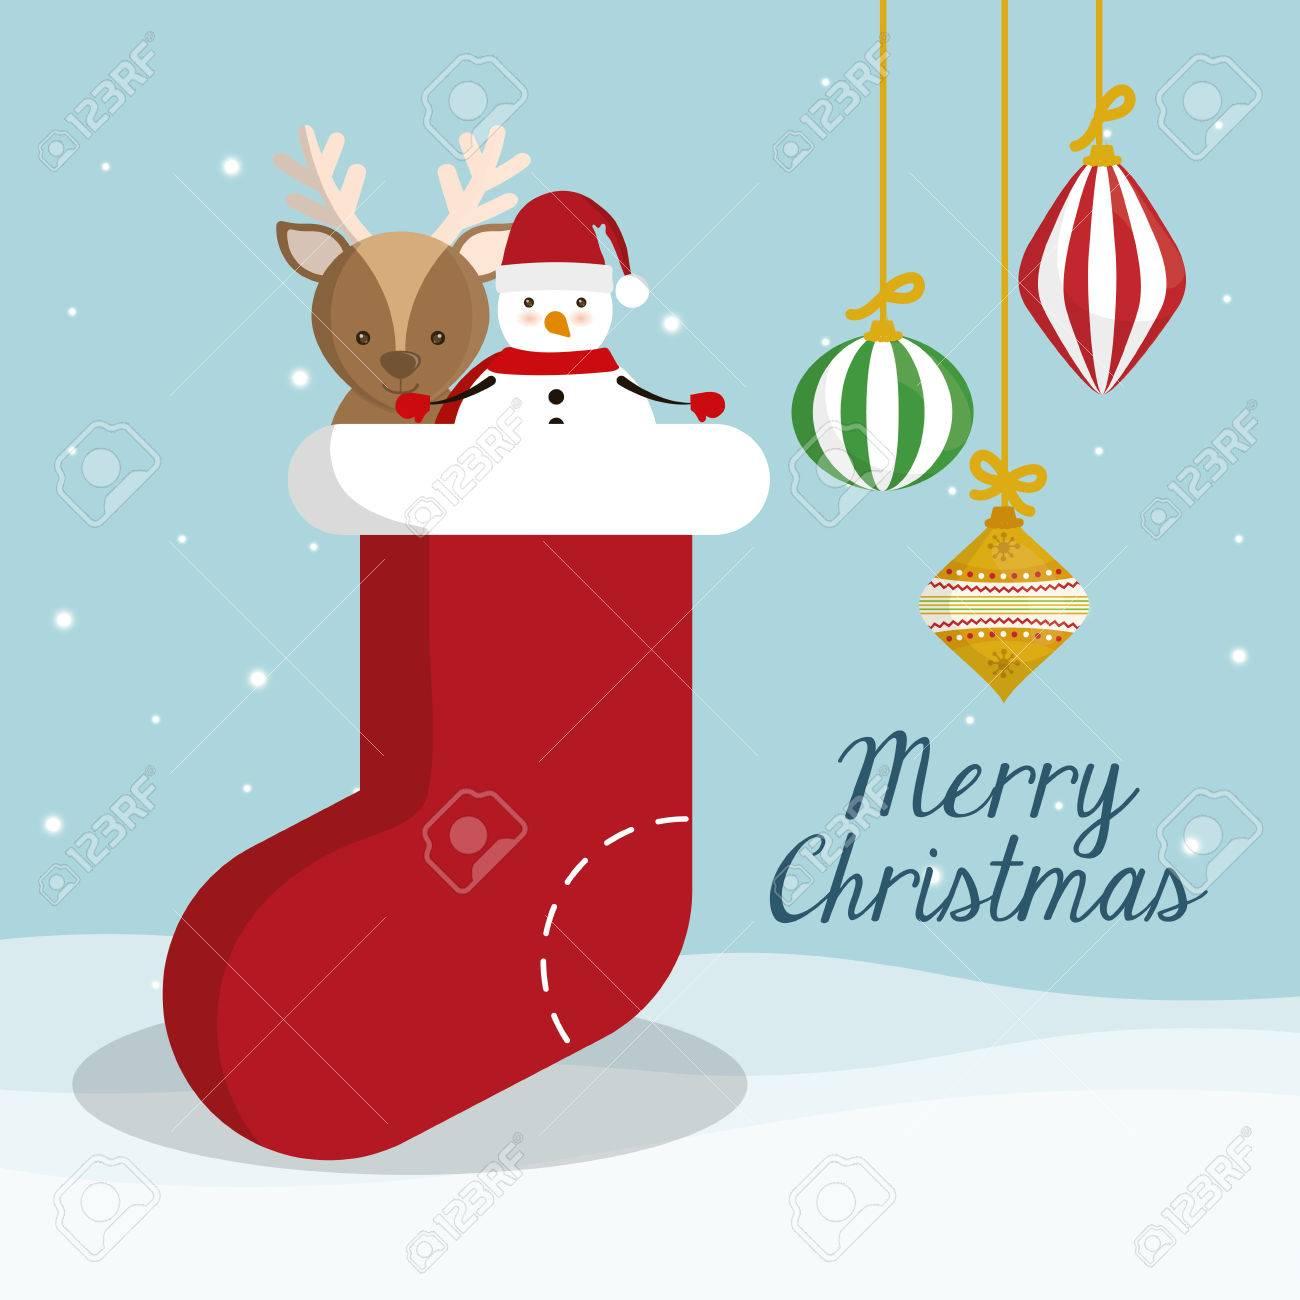 Inicio Feliz Navidad.Muneco De Nieve Y Renos En El Interior Del Icono De Inicio Decoracion Feliz Navidad Y Tema De La Temporada El Diseno Colorido Ilustracion Vectorial